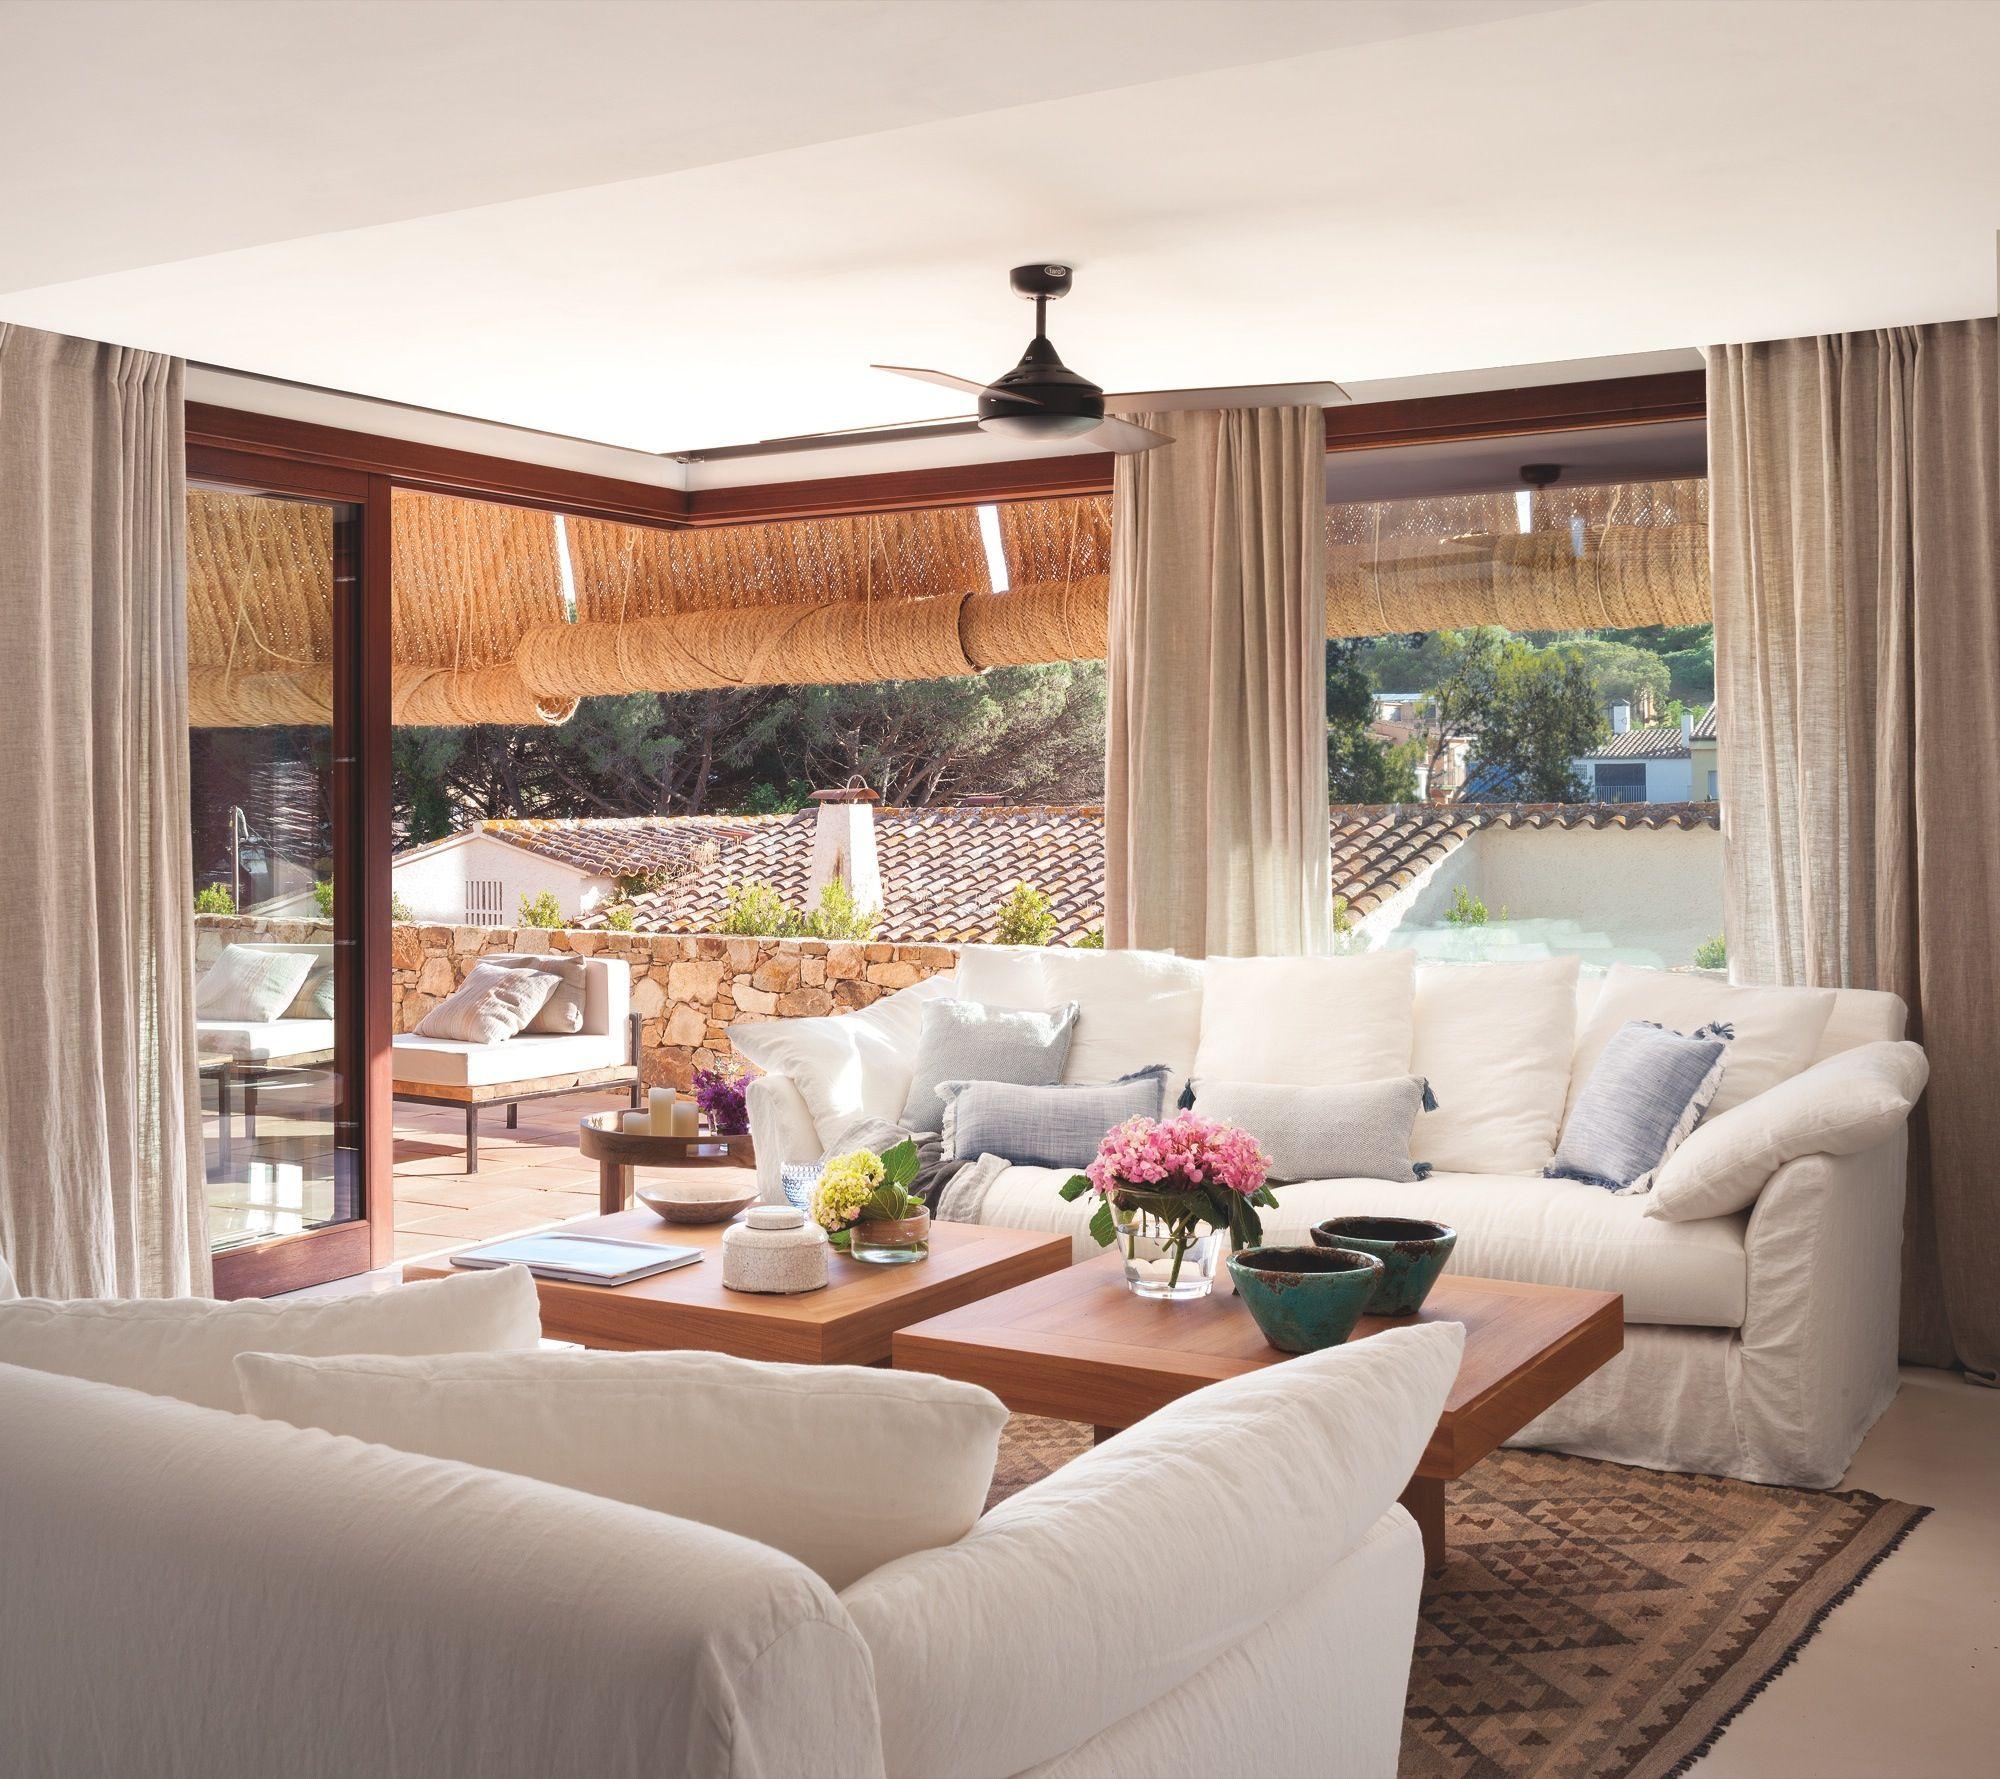 Casa de vacaciones con estilo ibicenco playero y toques de - Decoracion con estilo ...